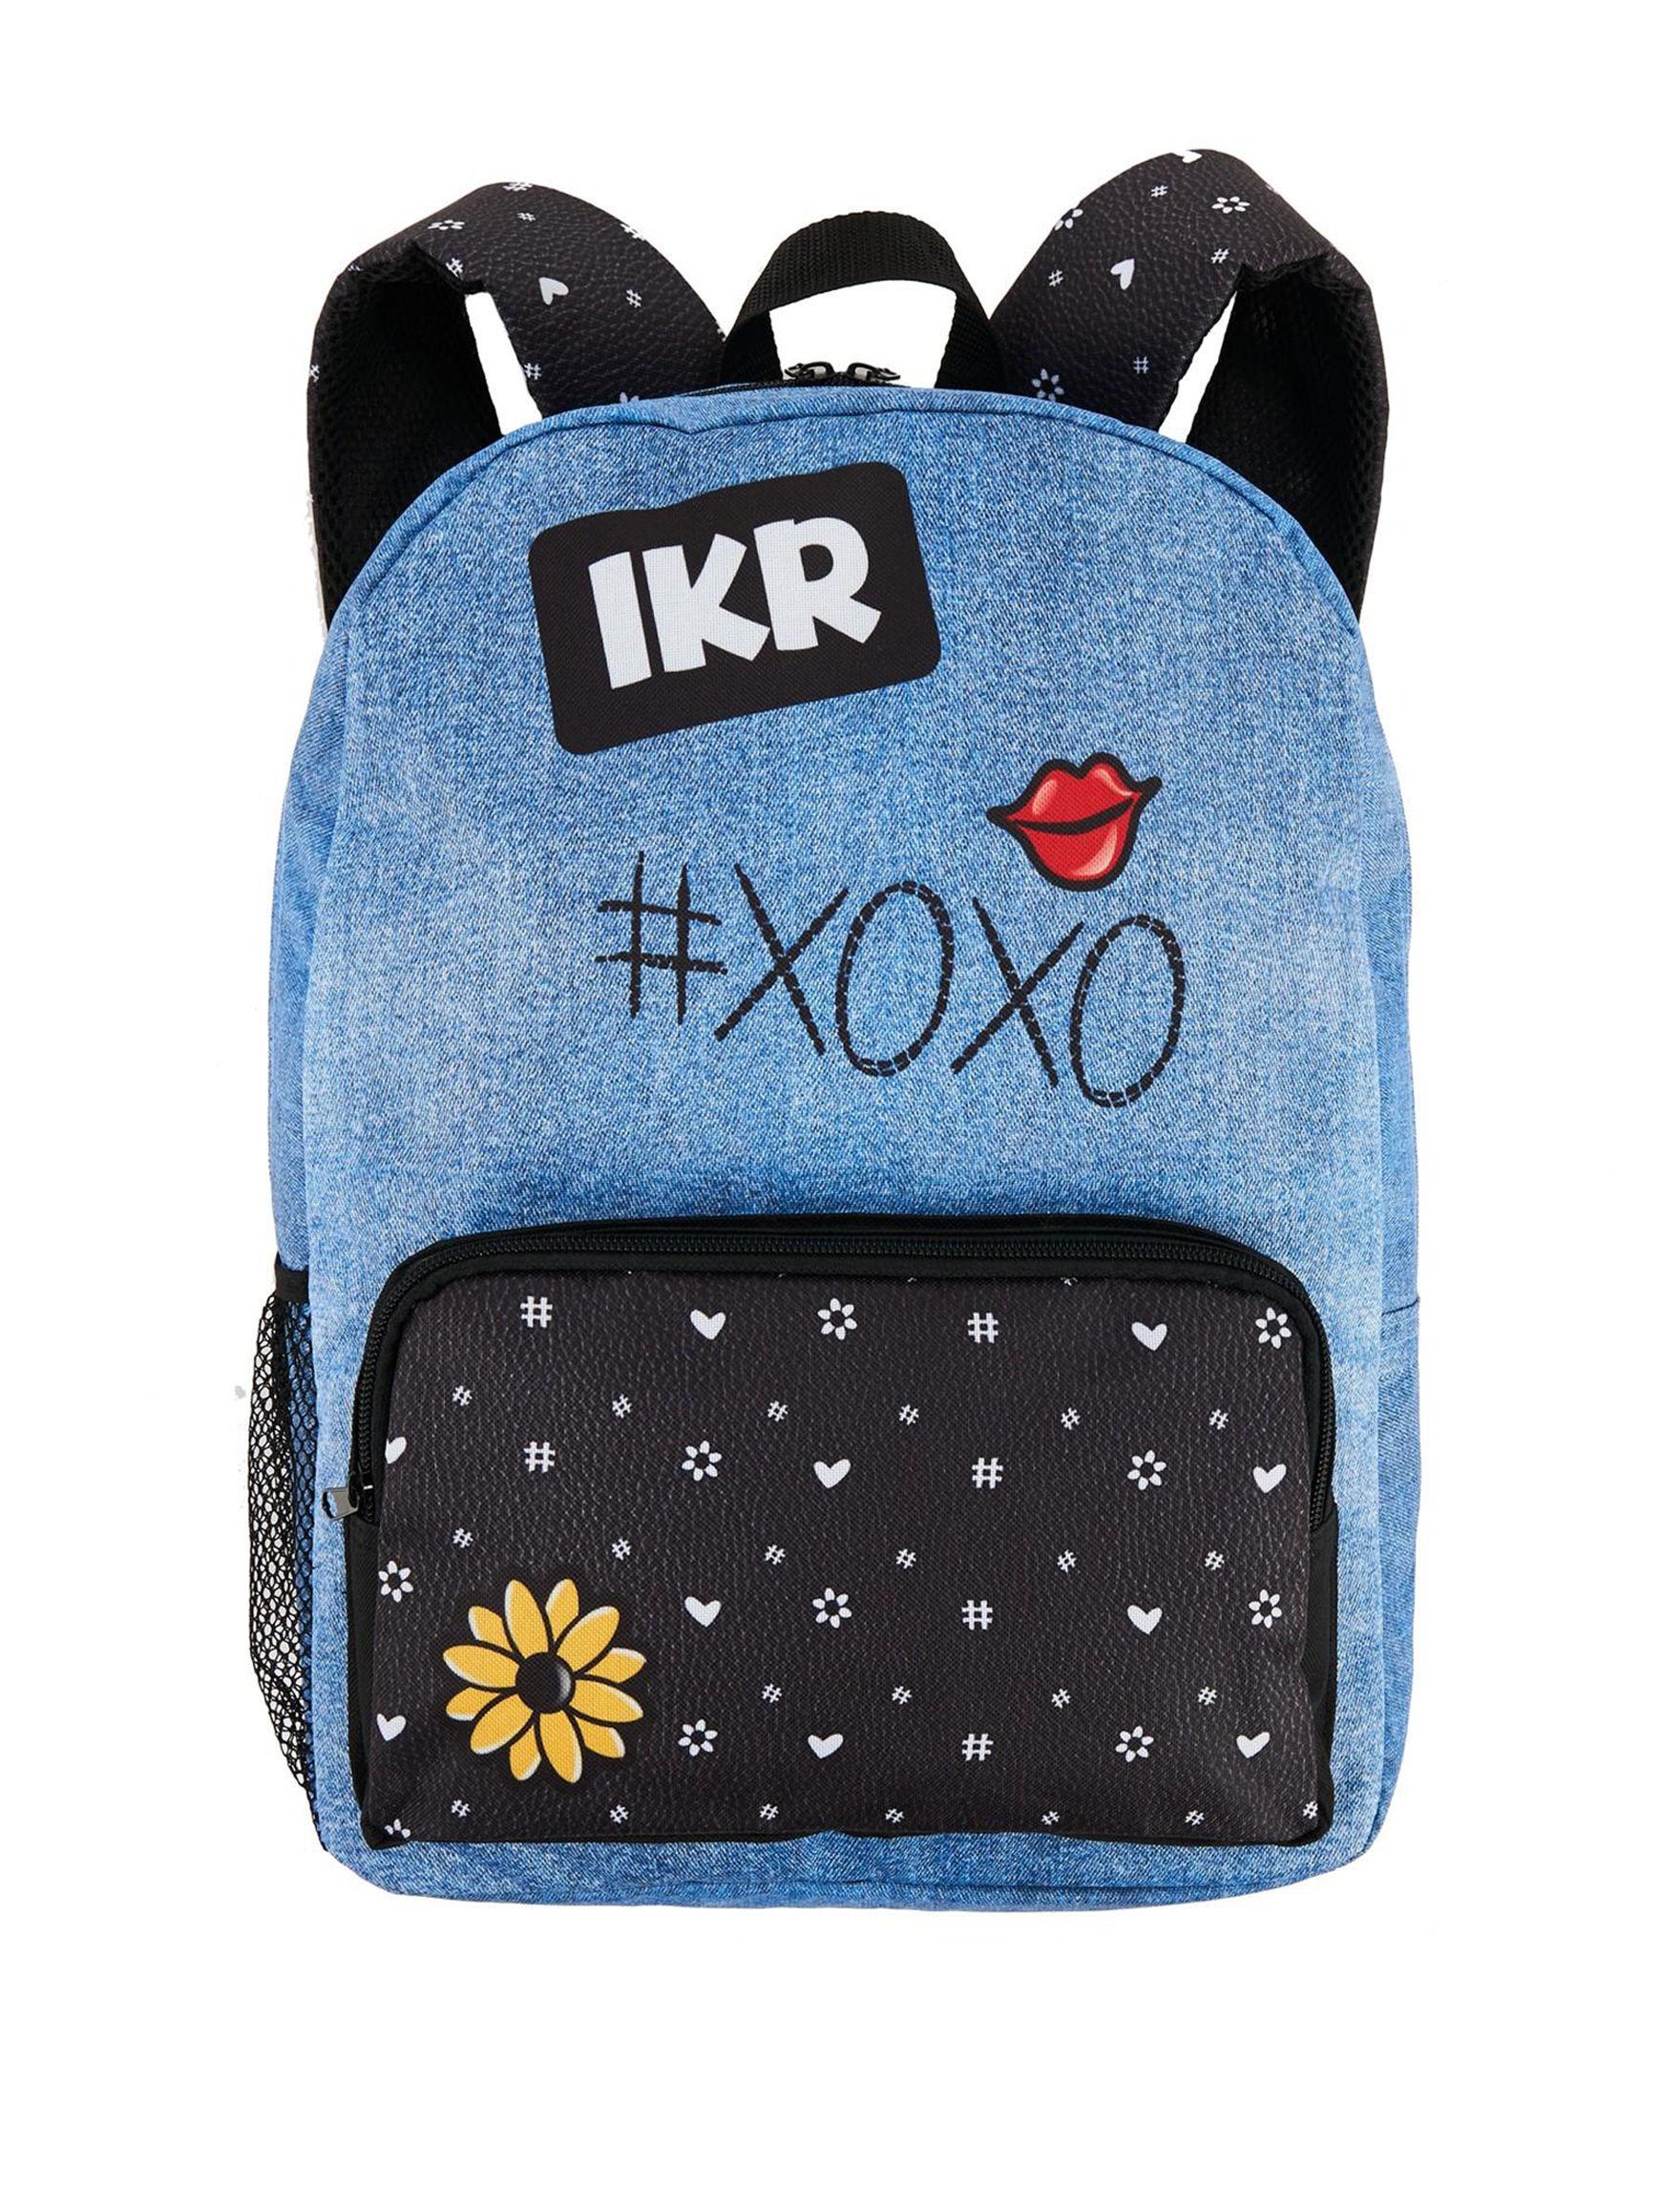 BuySeasons Denim Bookbags & Backpacks